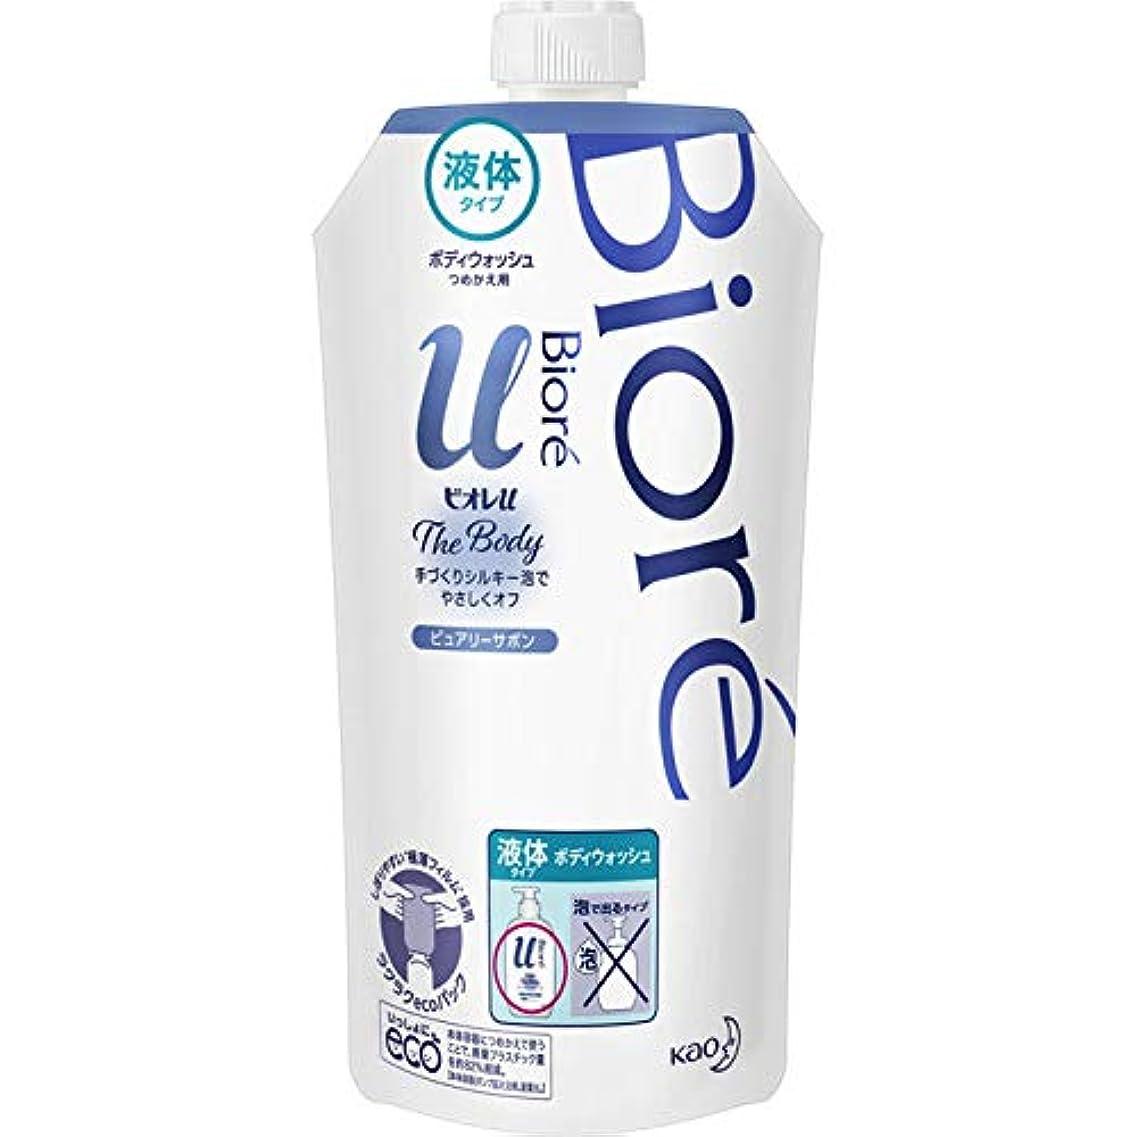 夕食を作る多用途カップ花王 ビオレu ザ ボディ液体ピュアリーサボンの香り 詰替え用 340ml